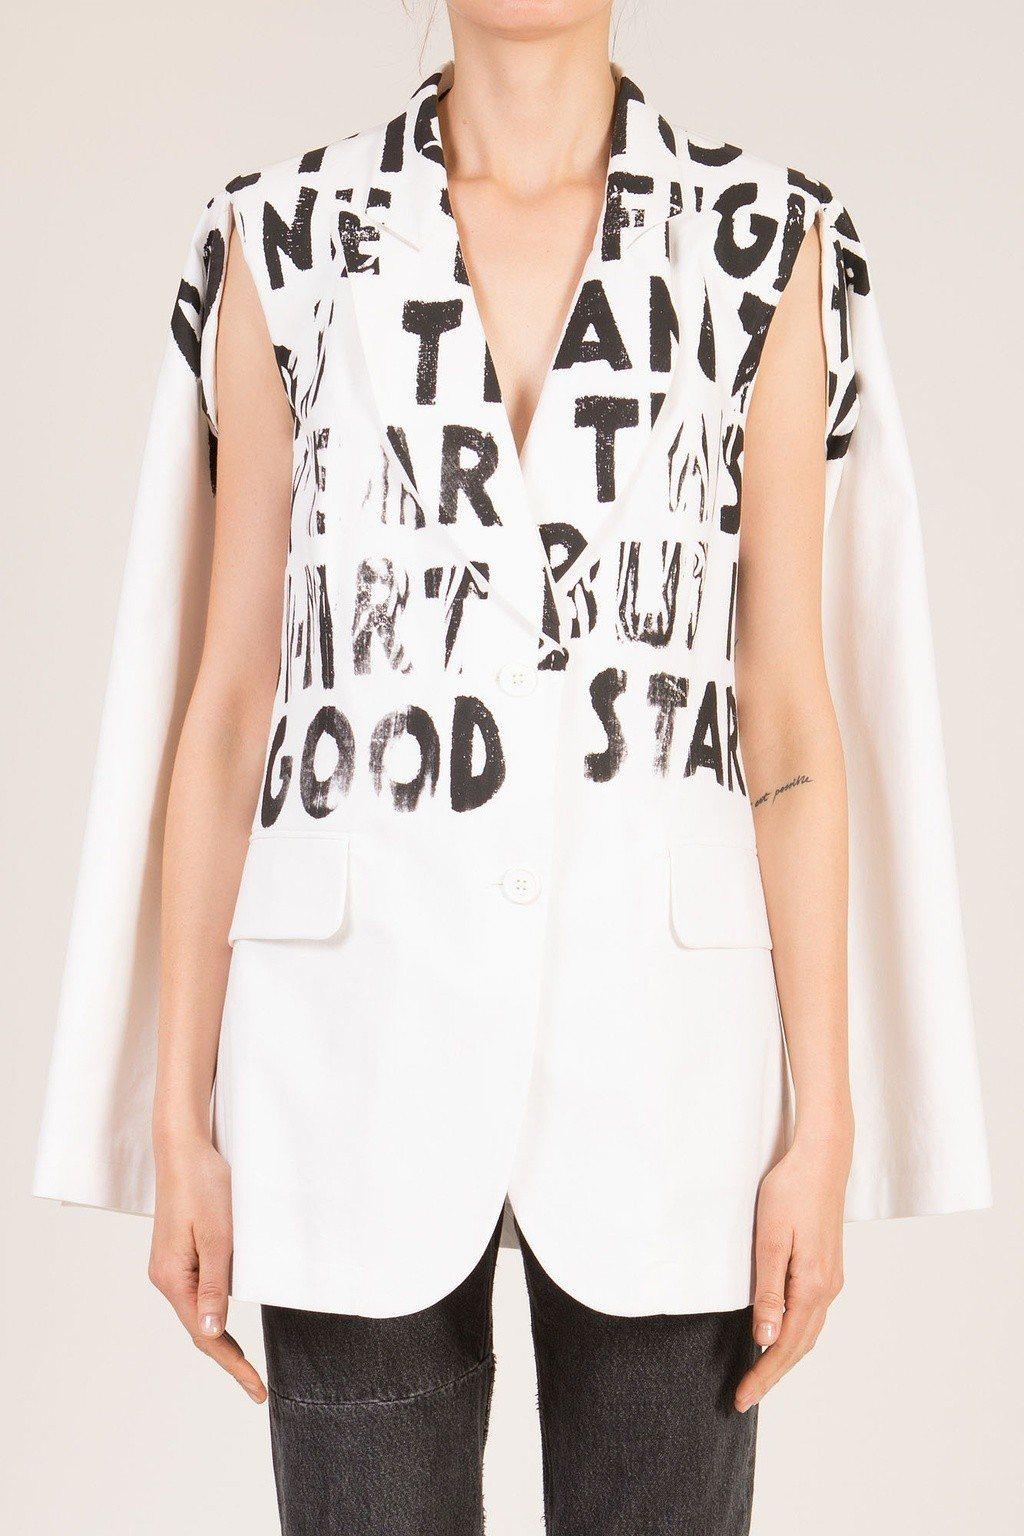 MM6對抗愛滋標語斗篷式披肩西裝外套,售價36,800元。圖/MM6提供